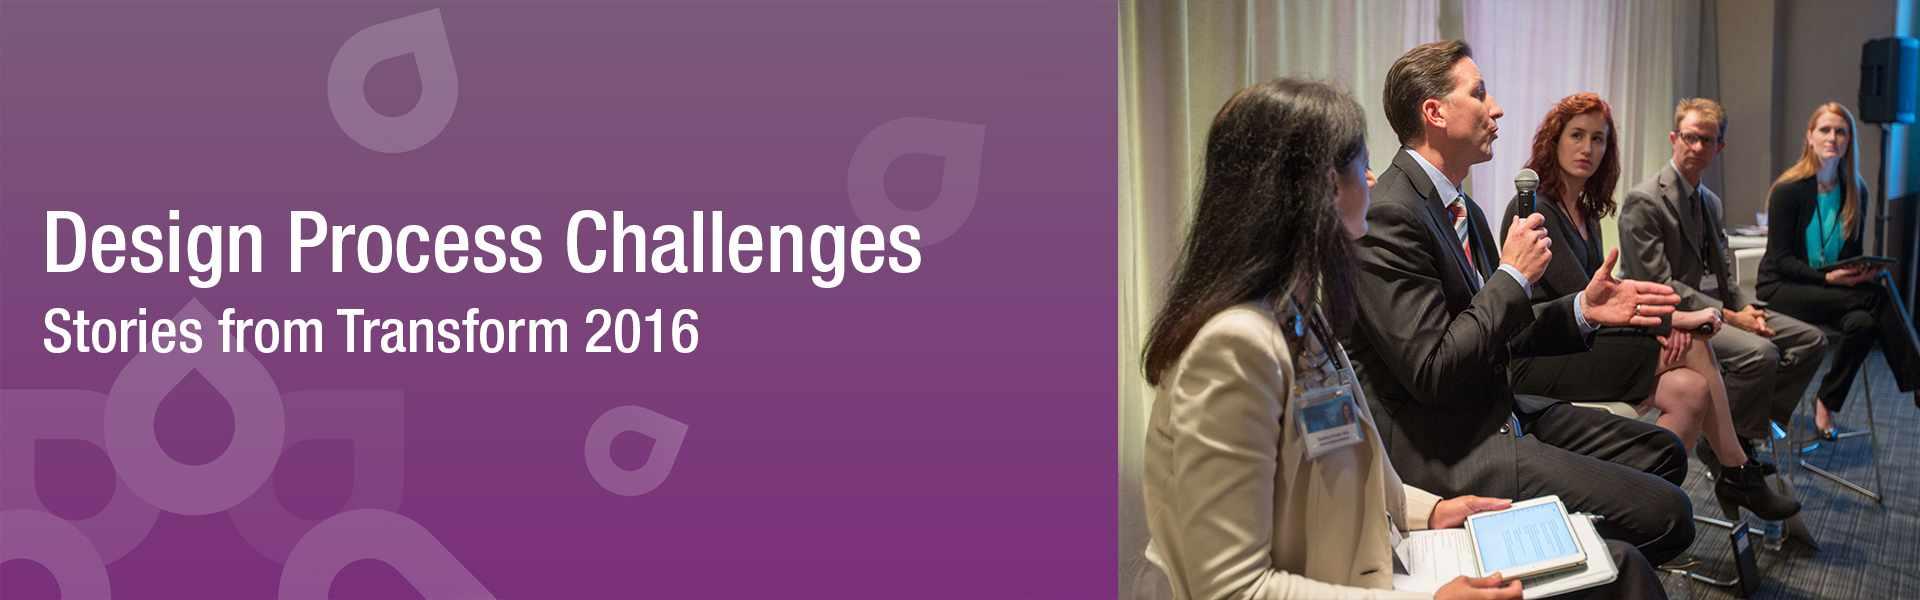 Transform Breakout Session Fuels Honest Dialogue about Design Process Challenges